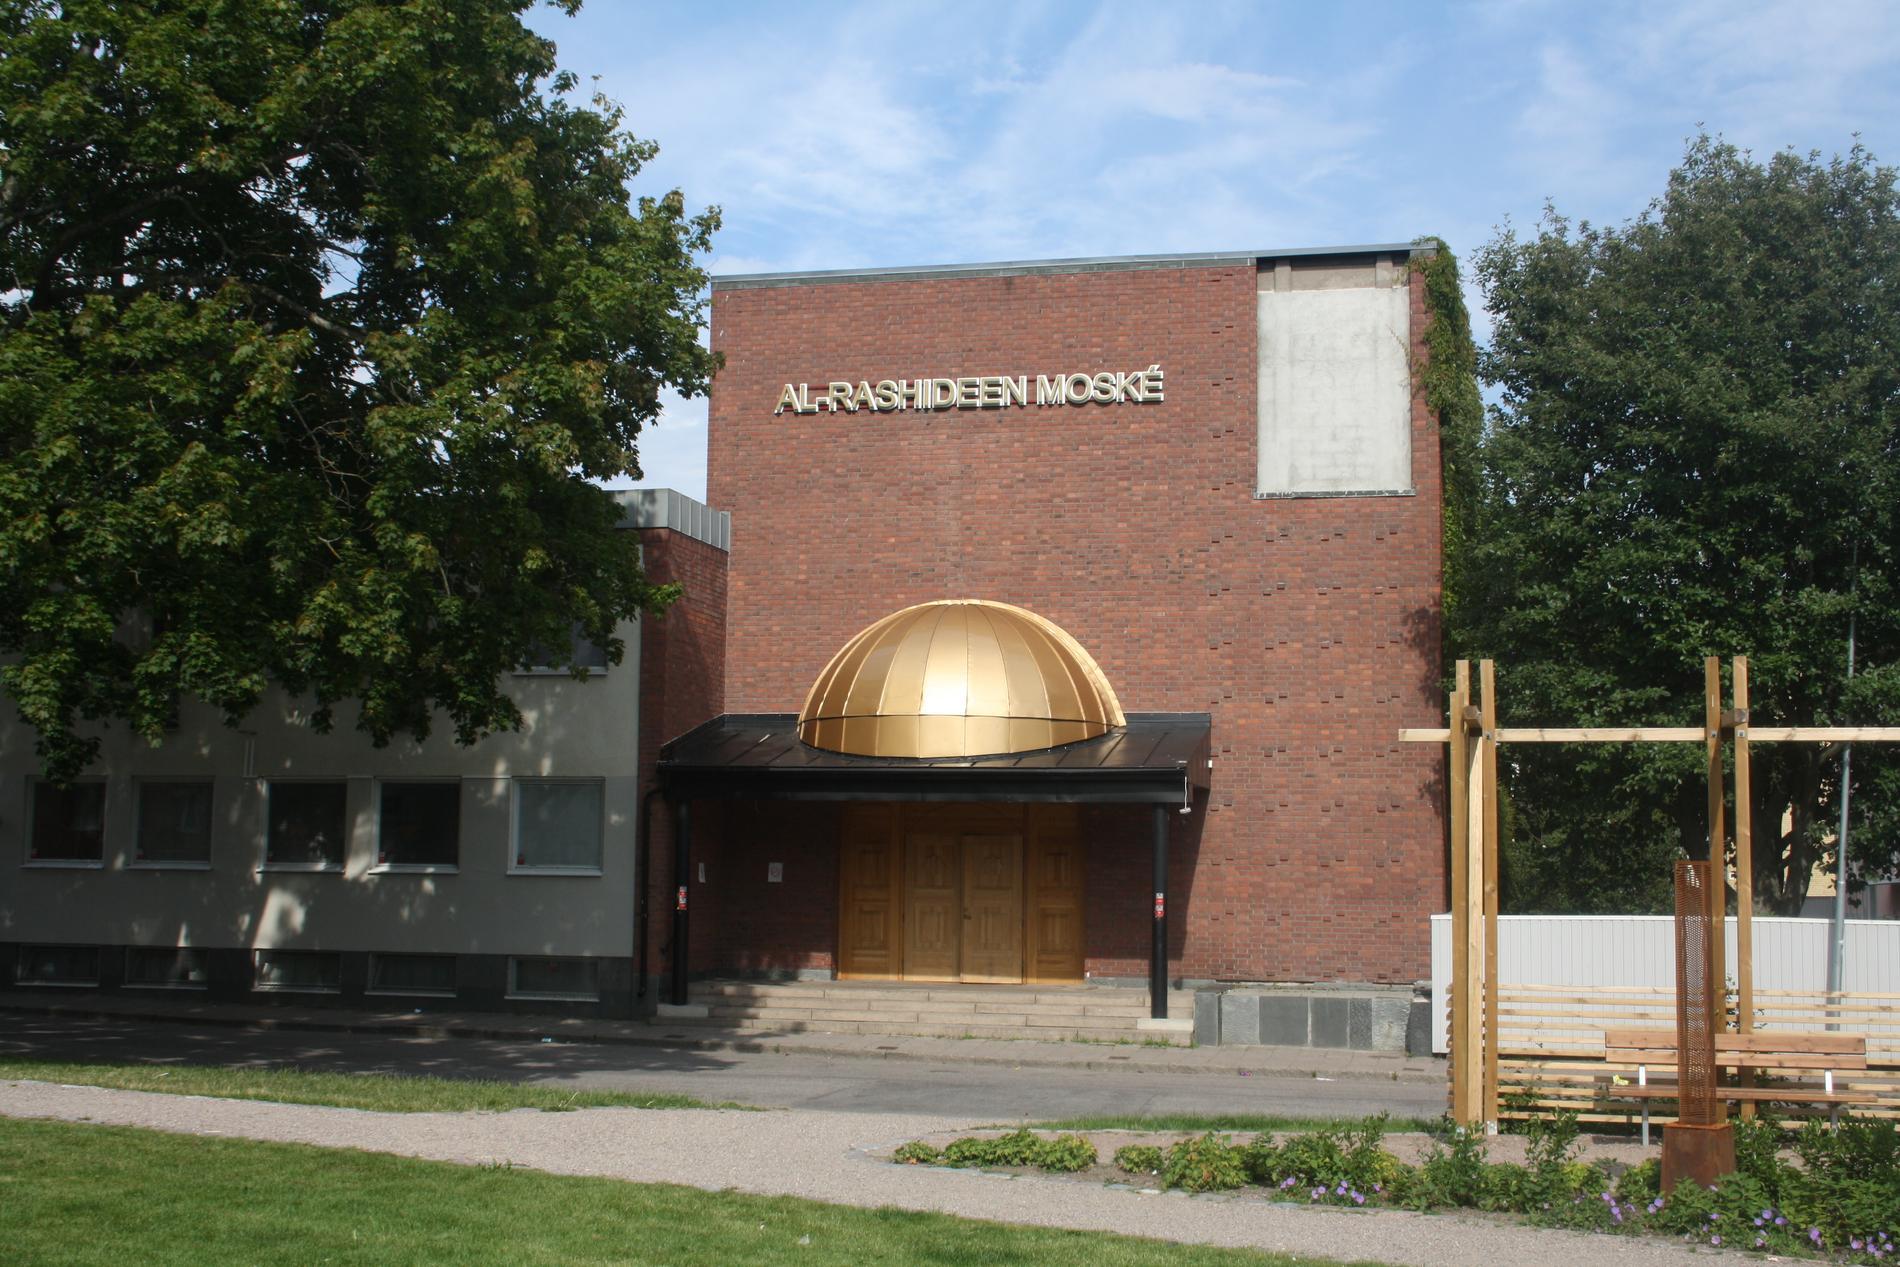 Al-Rashideen-moskén i Gävle ligger i stans gamla Metodistkyrka.